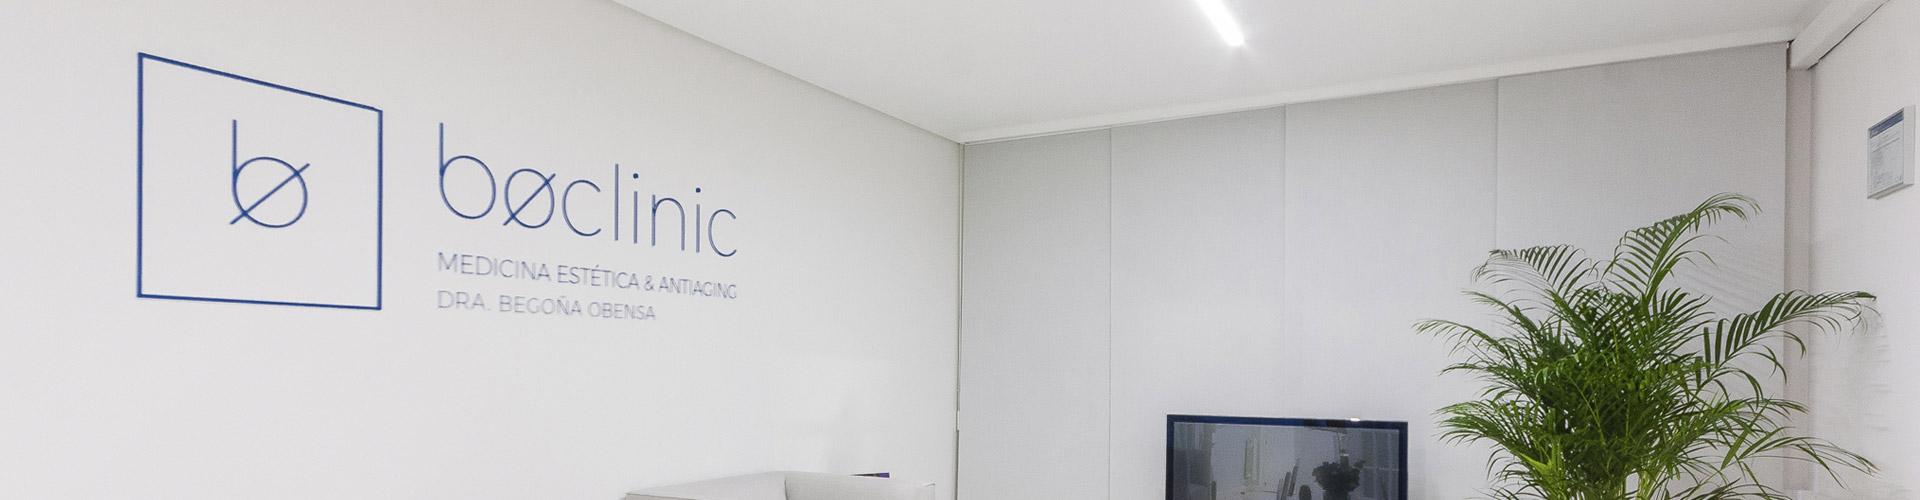 Medicina estética y antiaging, Instalaciones en Zaragoza